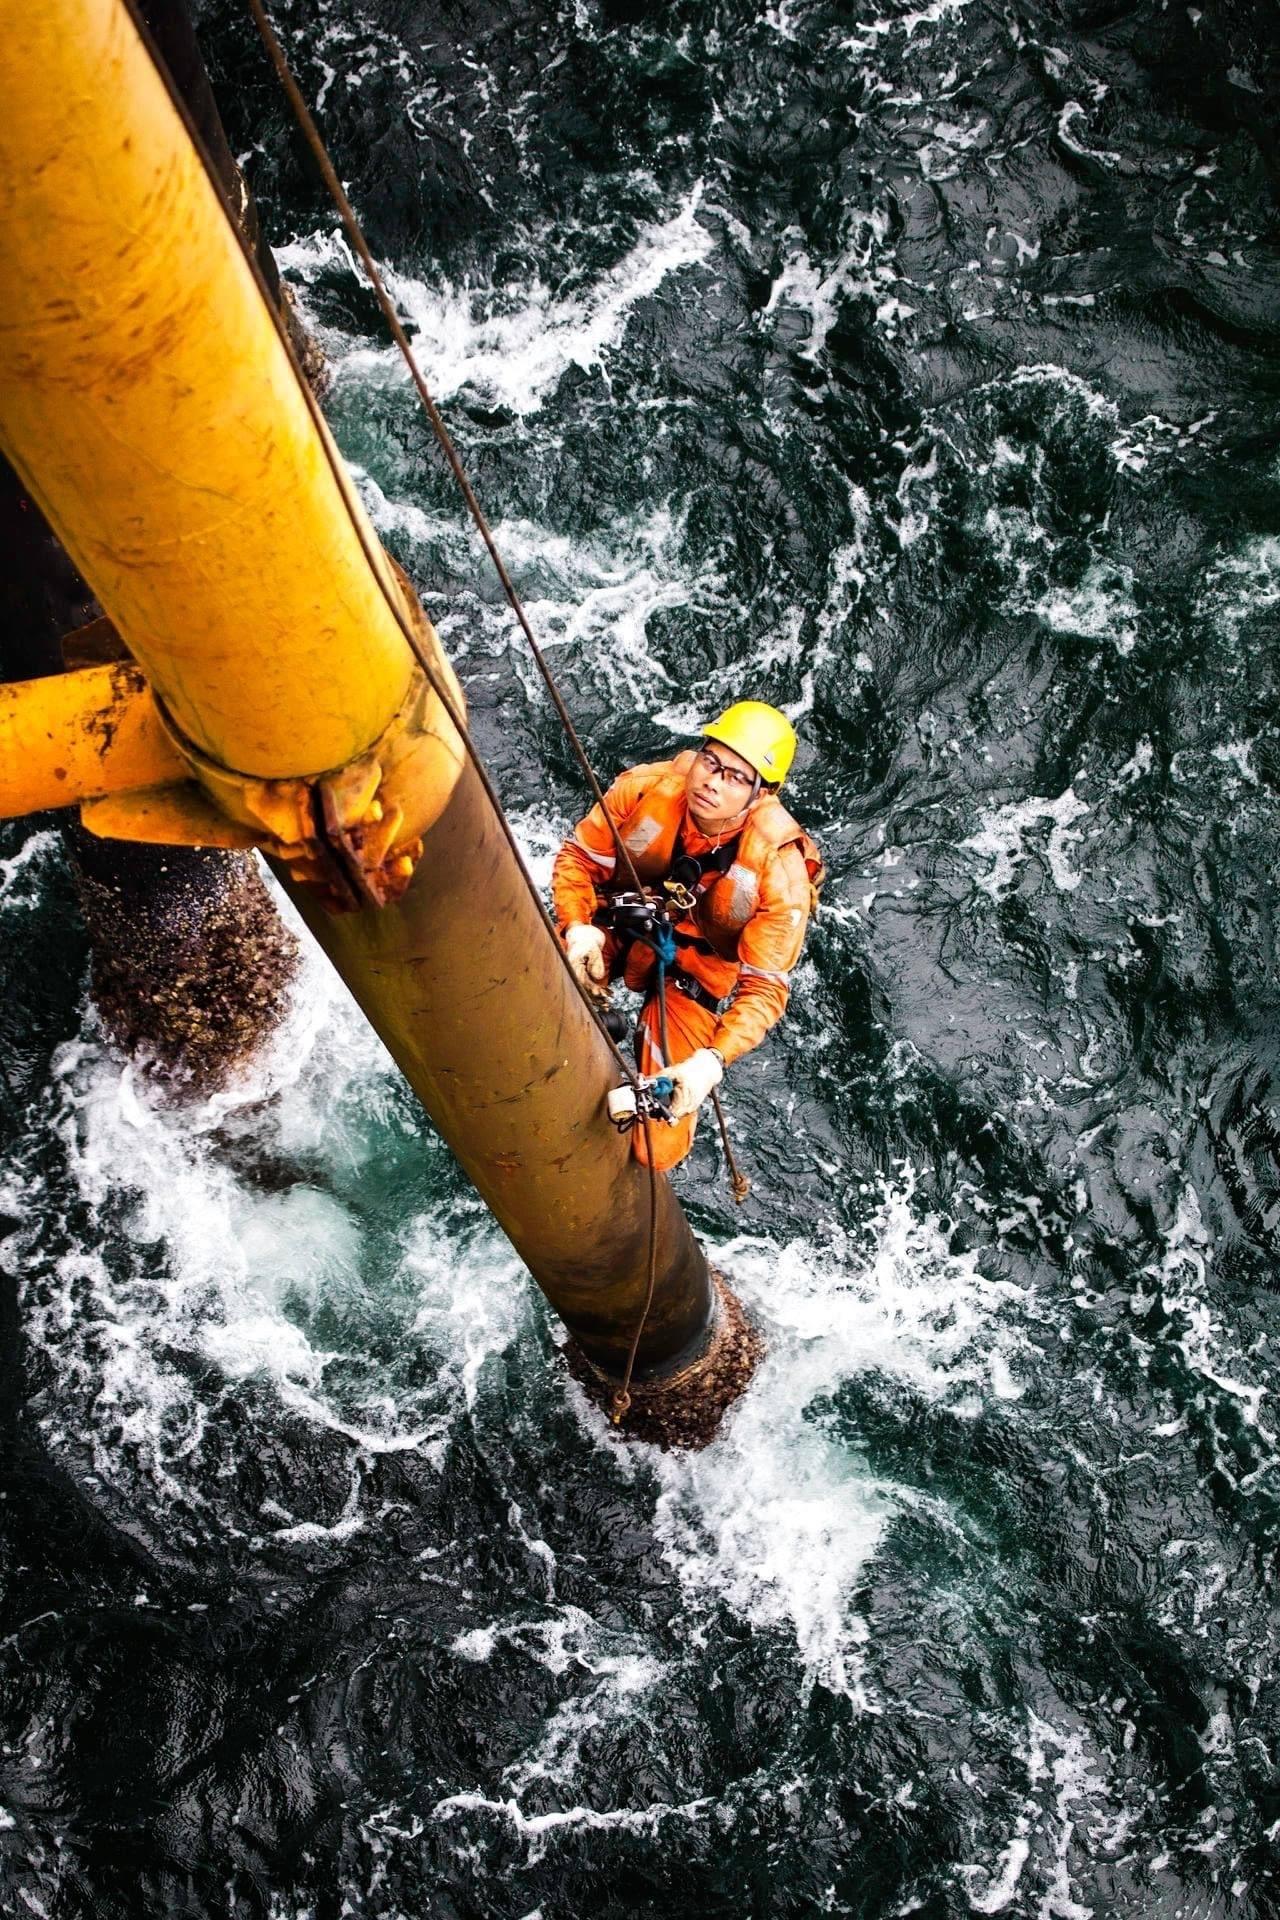 Dự báo giá dầu: Giá dầu chờ thời cơ bứt phá